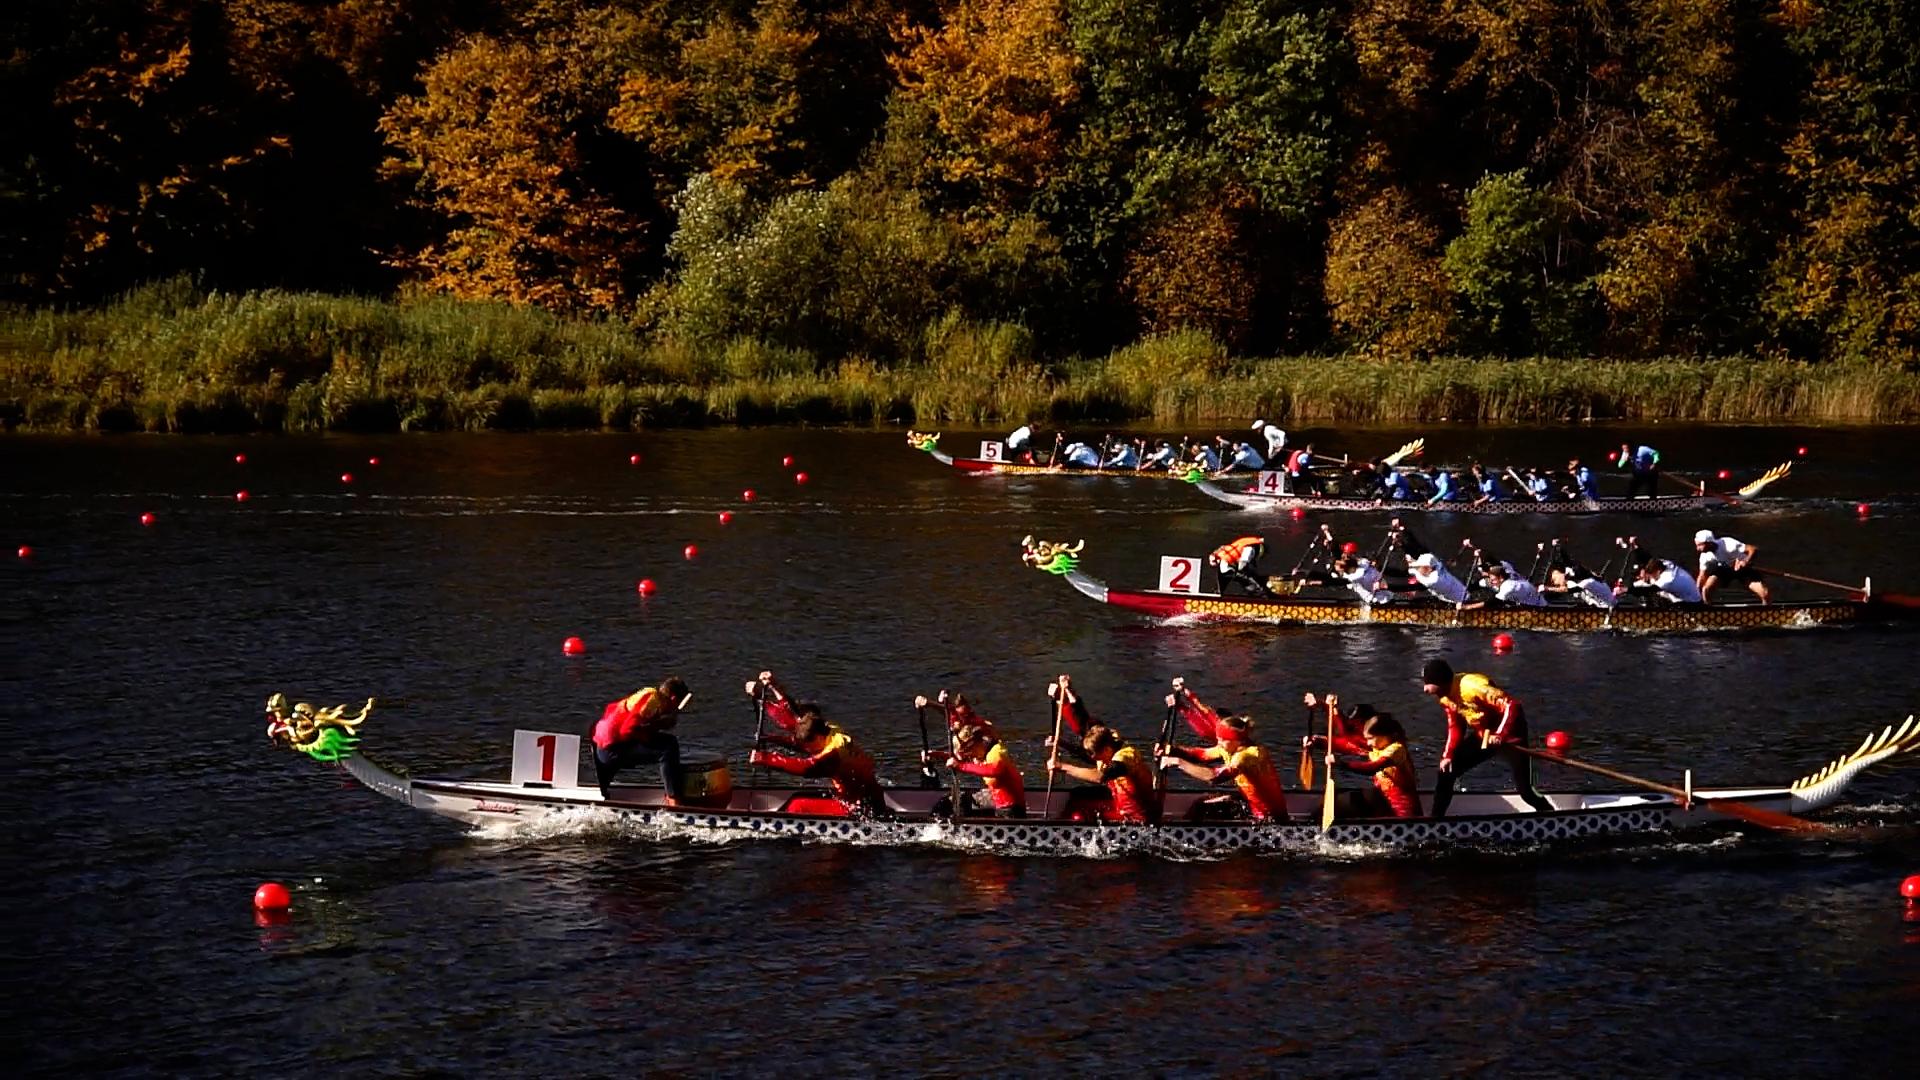 Одразу два чемпіонати України з веслування на човнах «драконах» приймав Тернопіль минулими вихідними